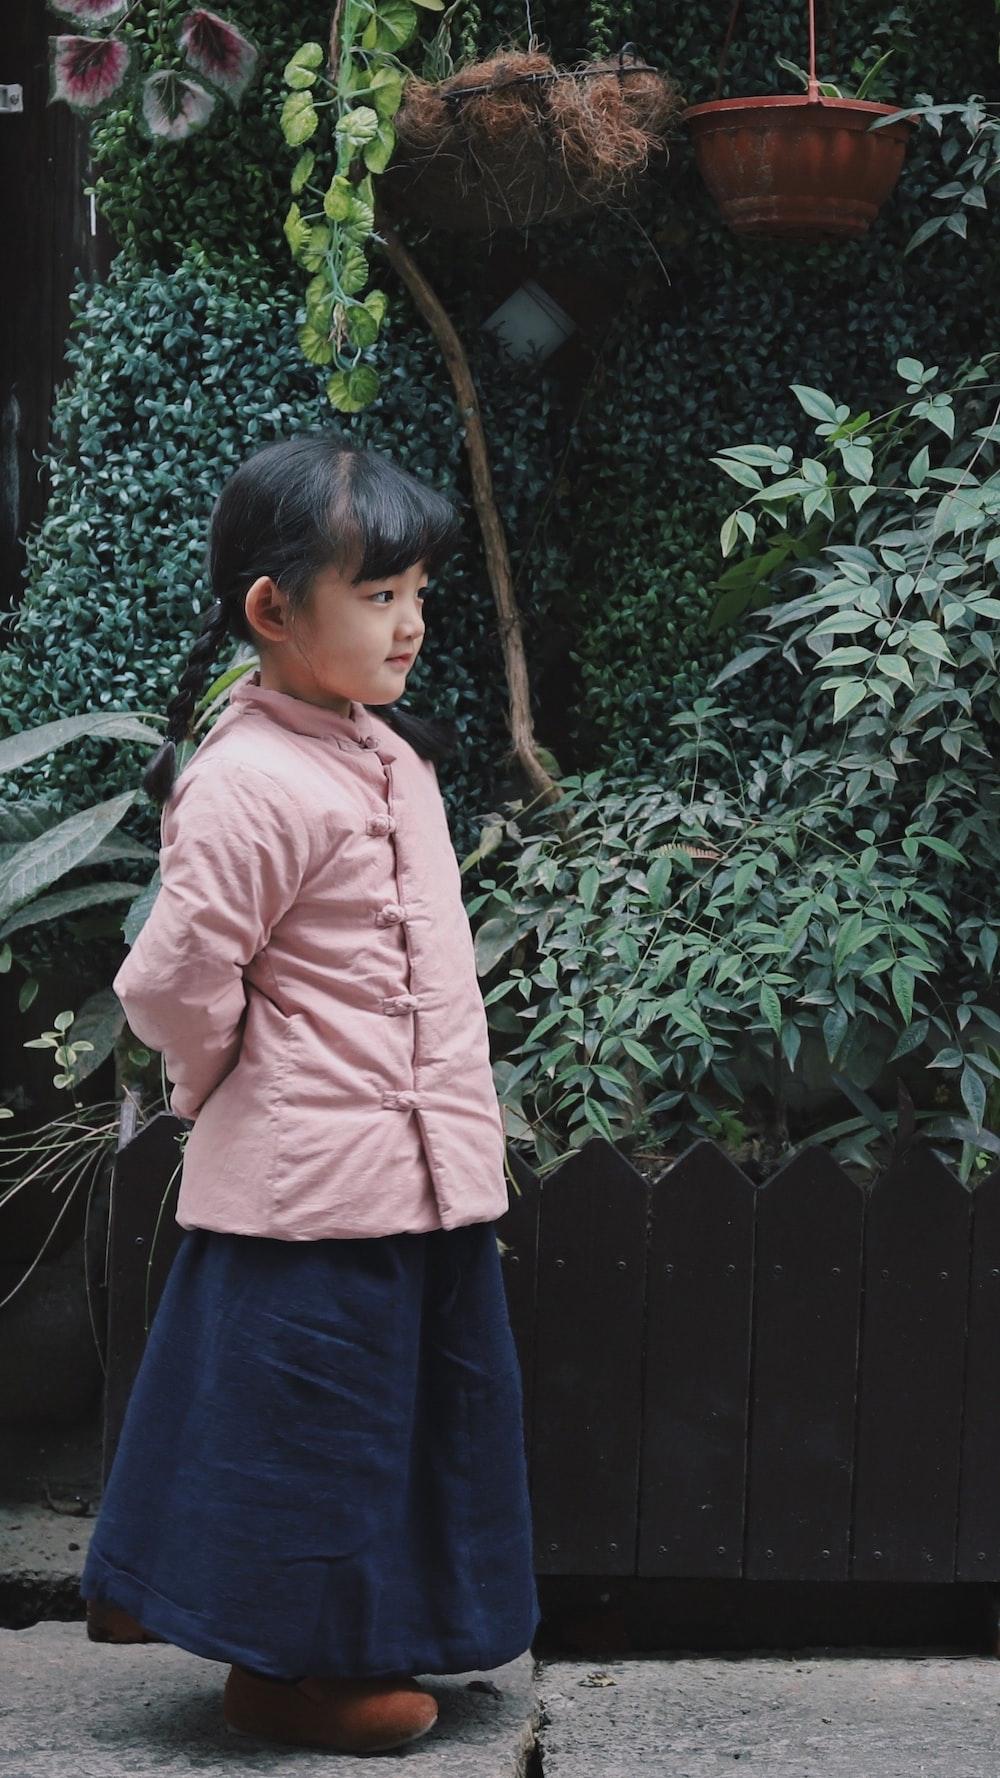 girl wearing pink jacket near plants